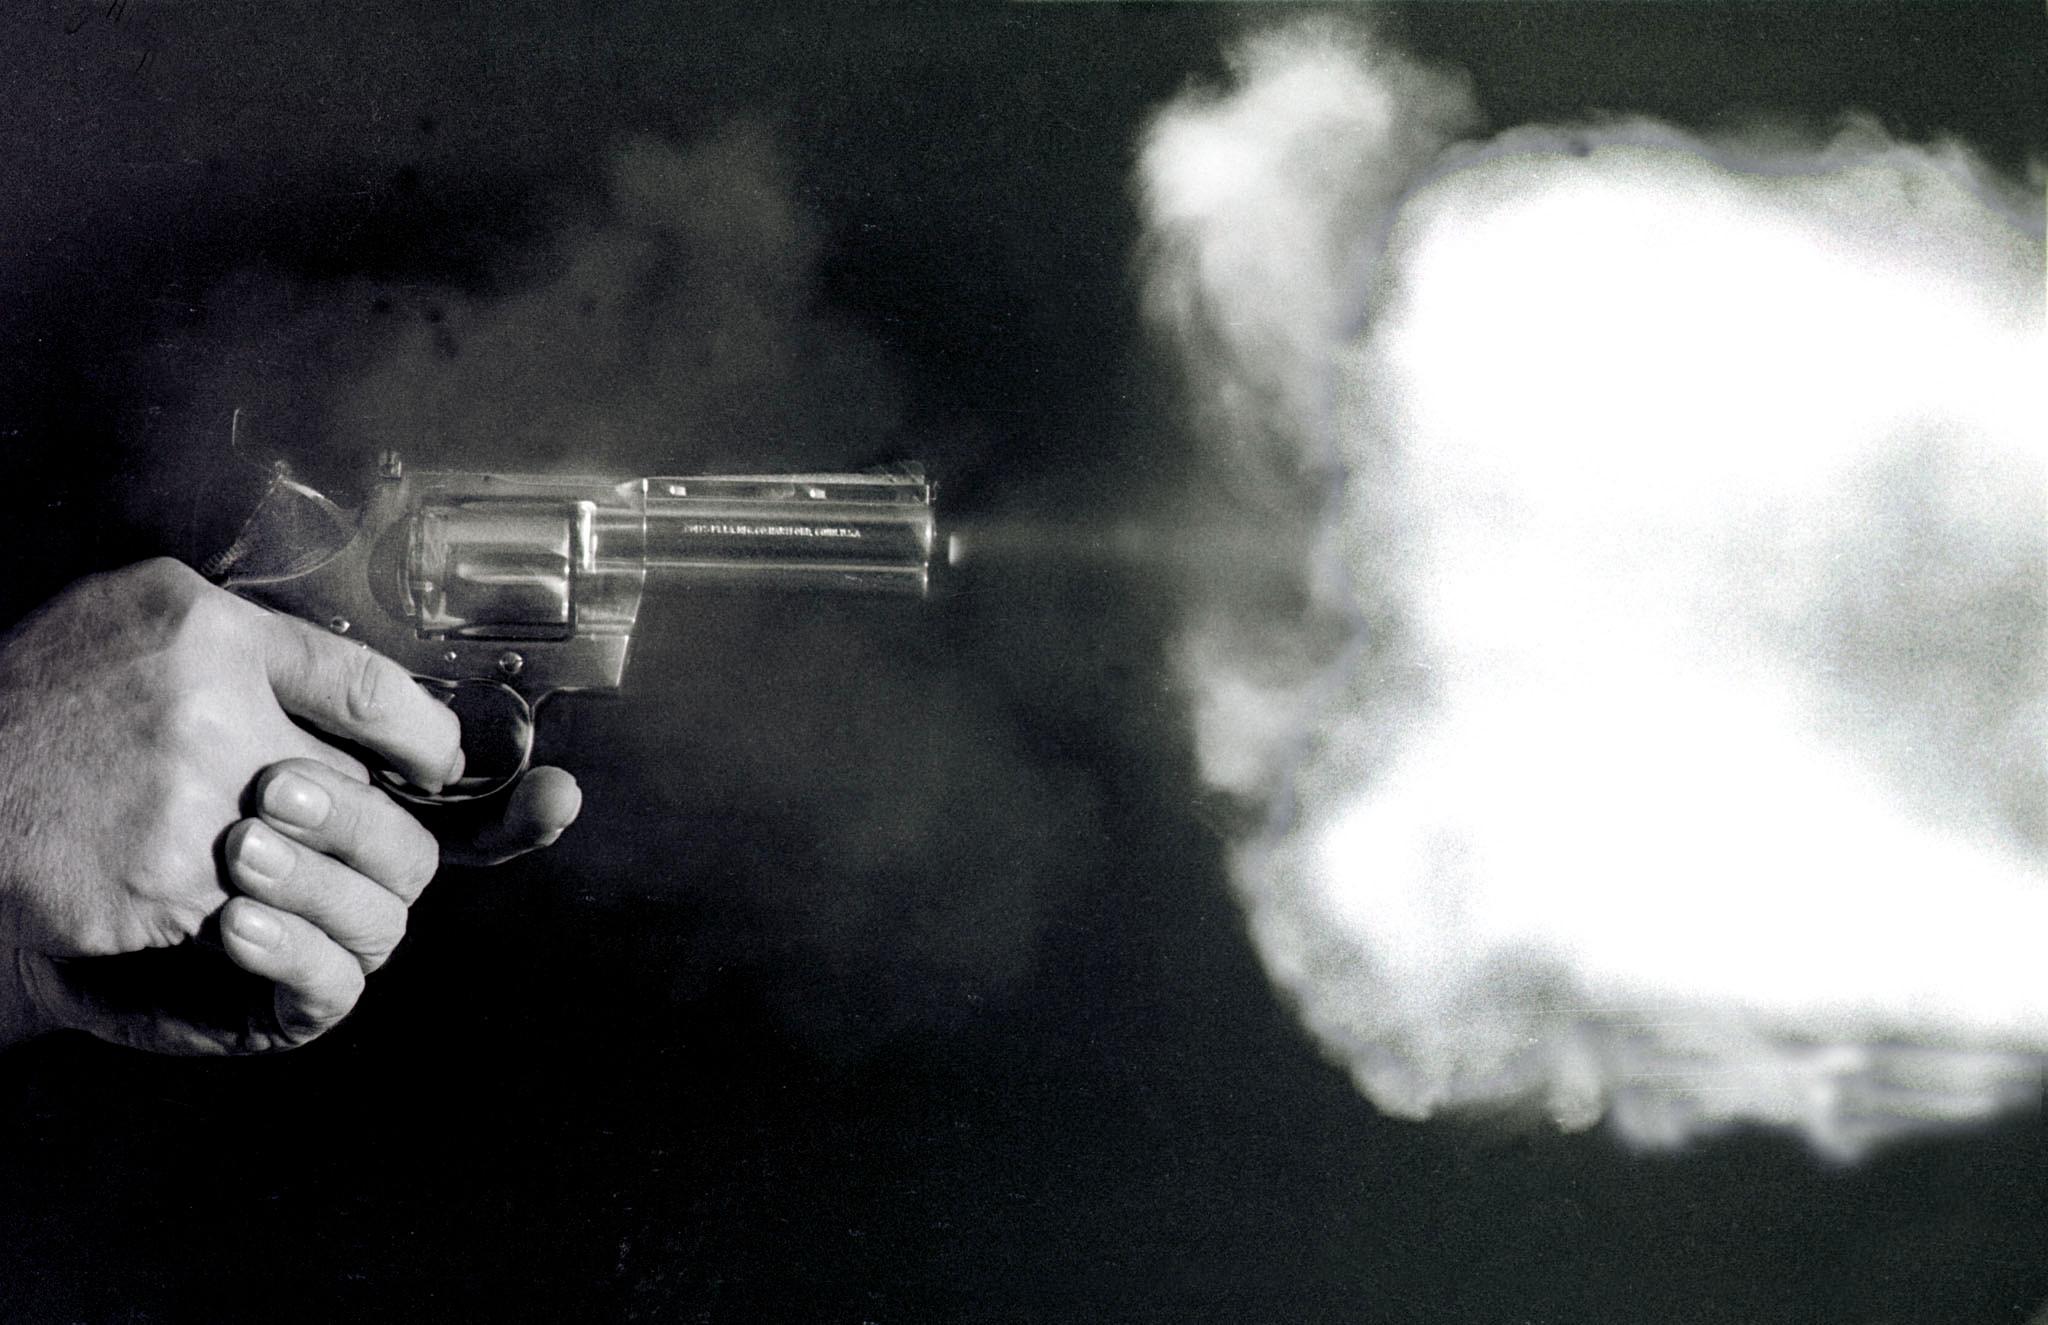 प्रेमी जोड़े को परिजनों ने मारी गोली, कुछ महीनों पहले किया था निकाह